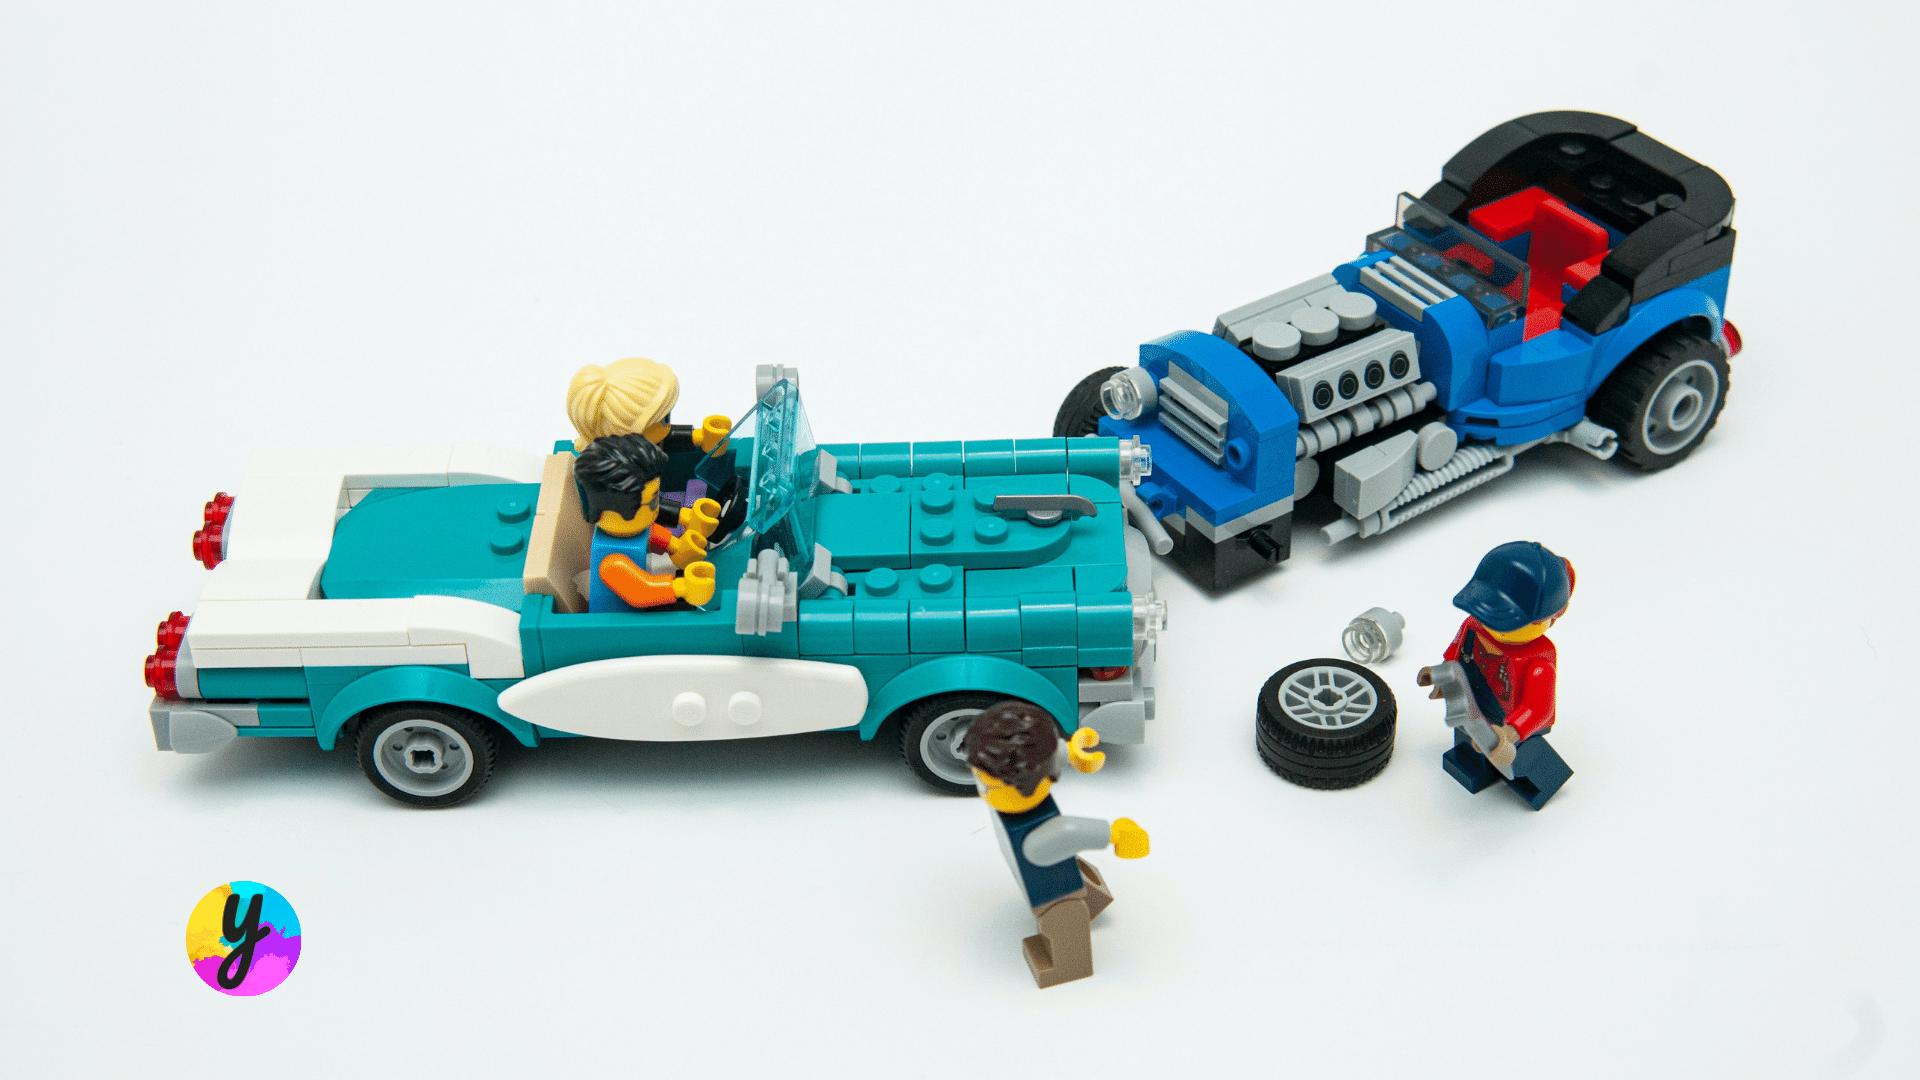 Comment réagir au délit de fuite suite à un accident ?